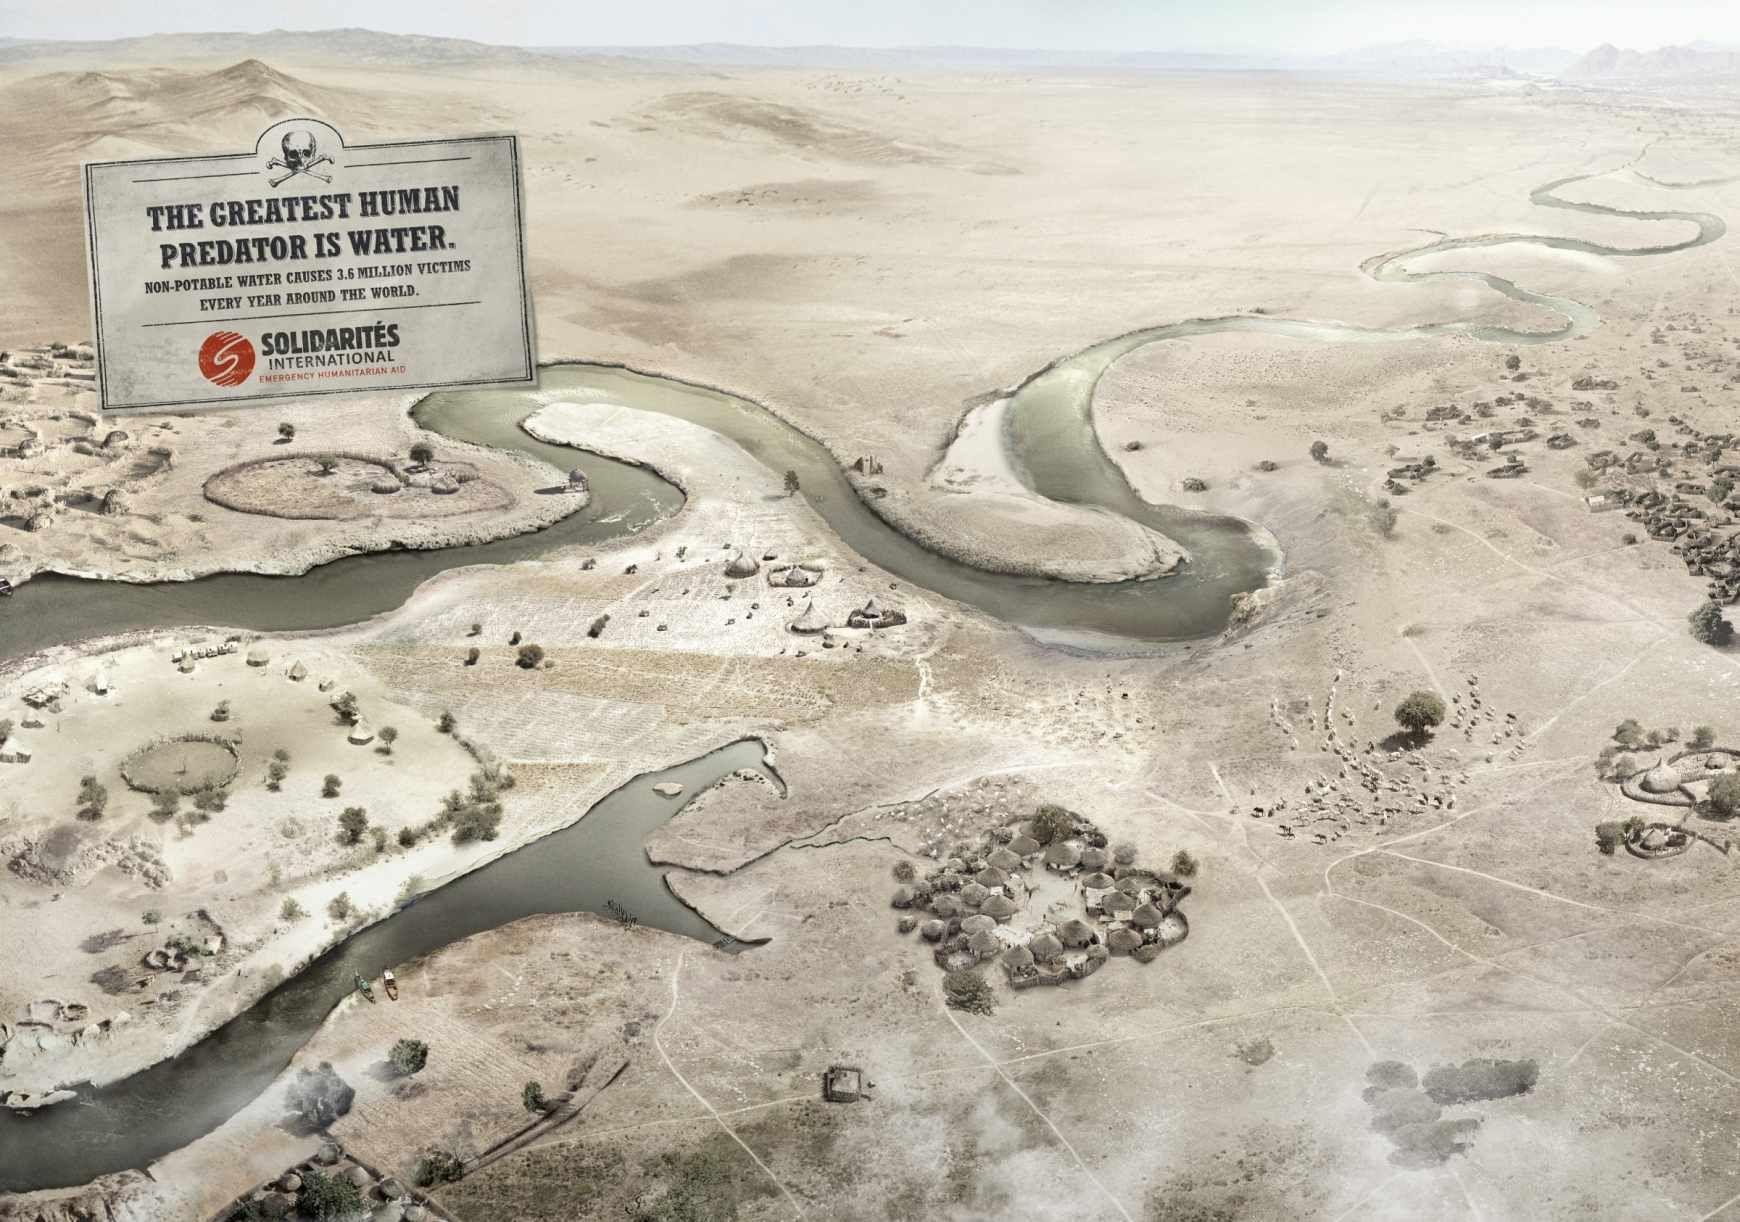 """"""" Le plus grand prédateur de l'Homme est l'eau. """" / Campagne pour le respect de l'eau. / By Solidarites International."""